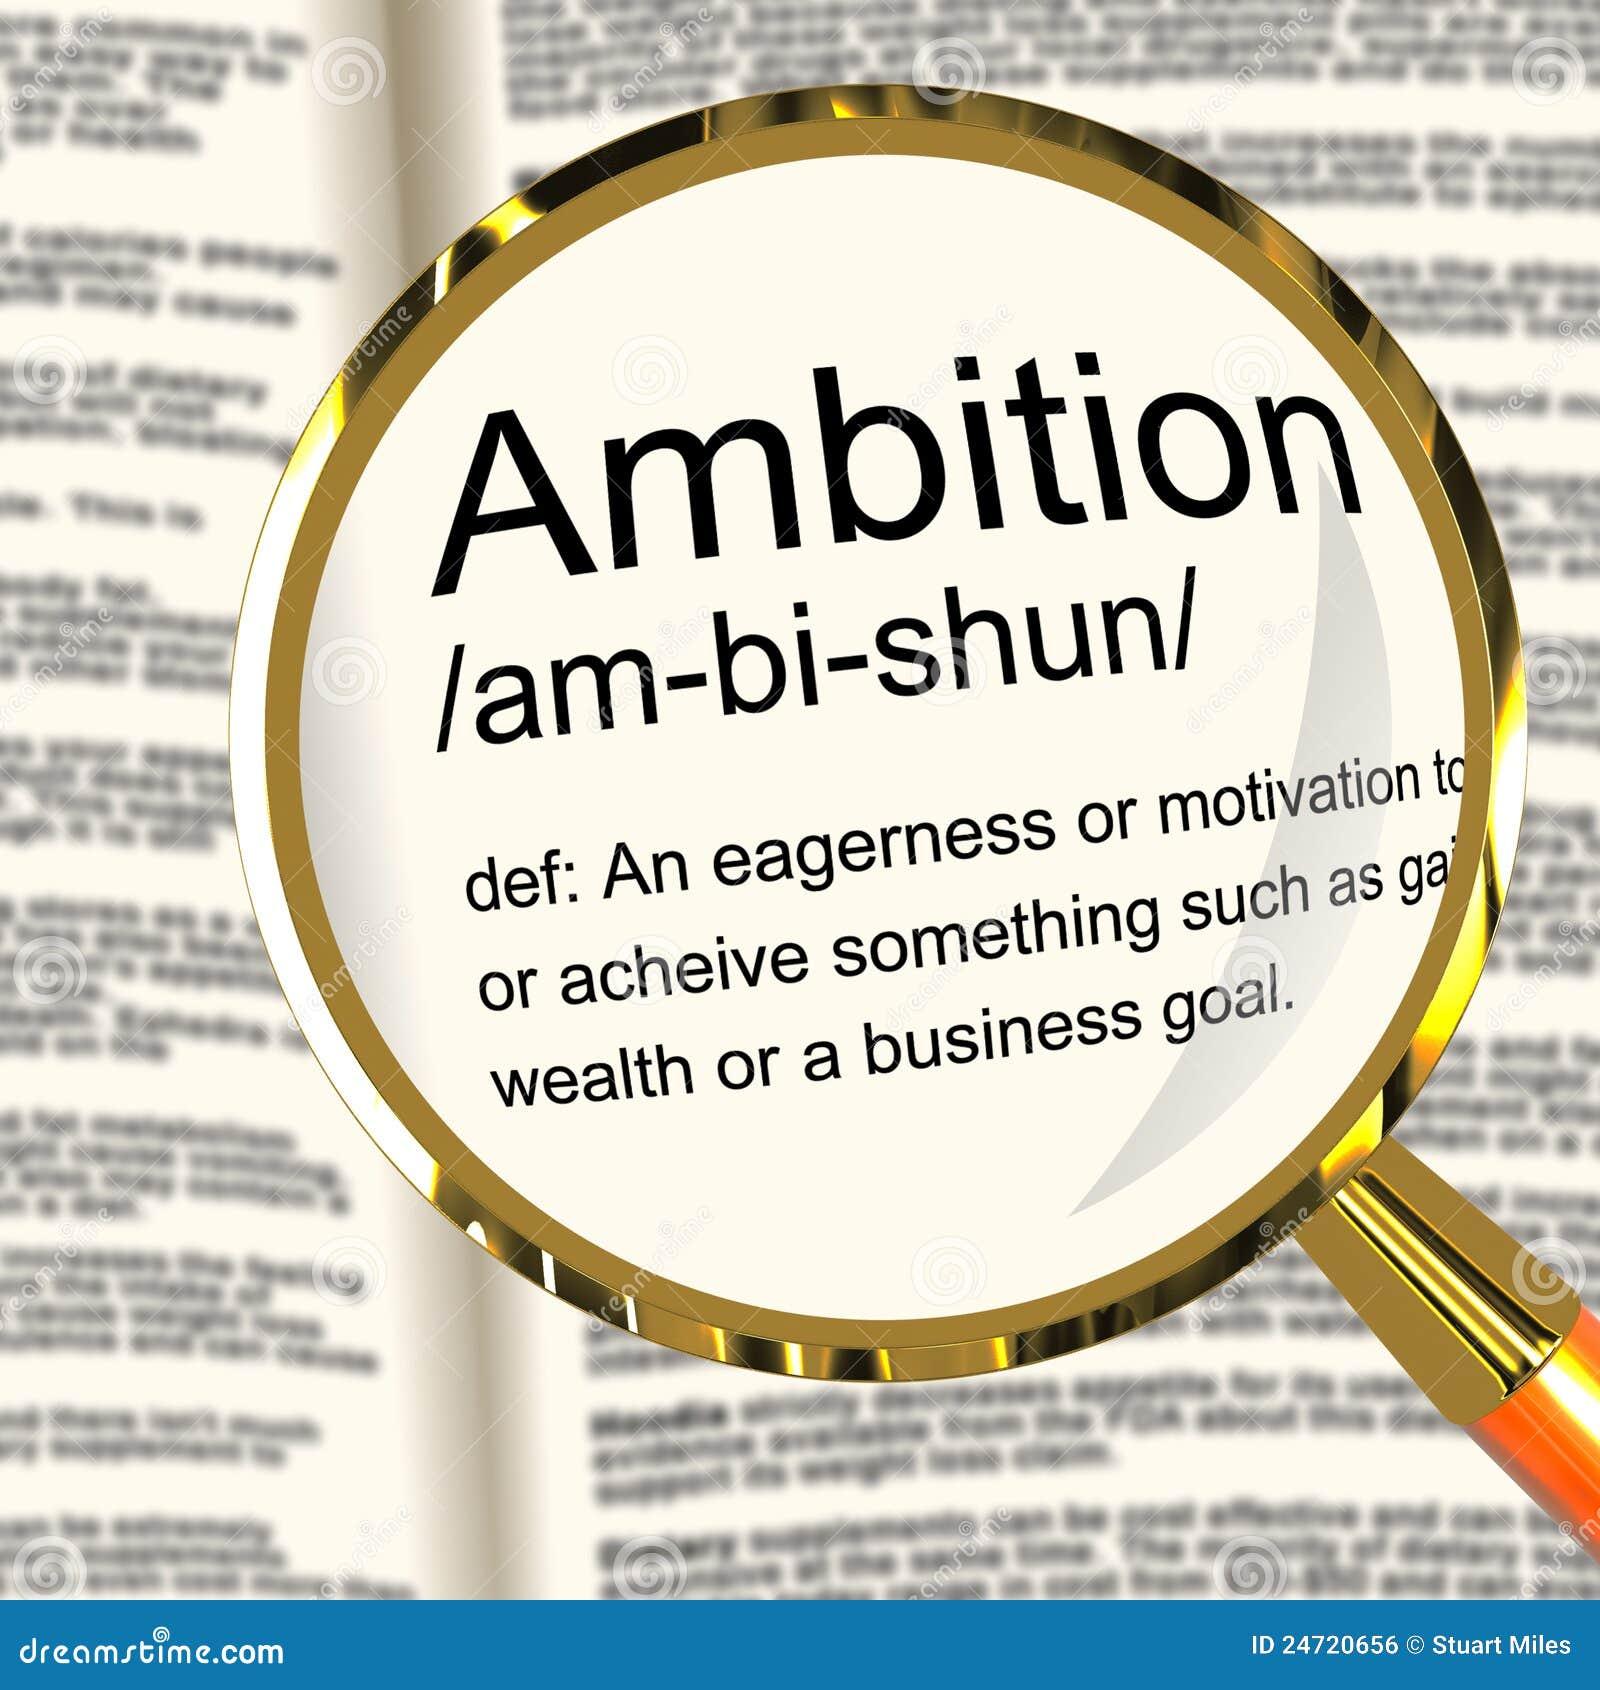 Ehrgeiz-Definitions-Vergrößerungsglas, das Aspirations-Motivation zeigt und